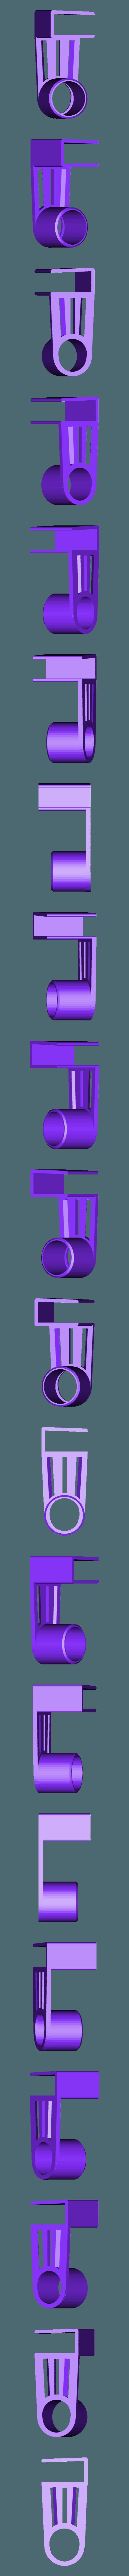 PaperTowelHolder_With_decor.stl Télécharger fichier STL gratuit Porte-serviettes en papier (pour étagère de 18 mm) • Design imprimable en 3D, stibo